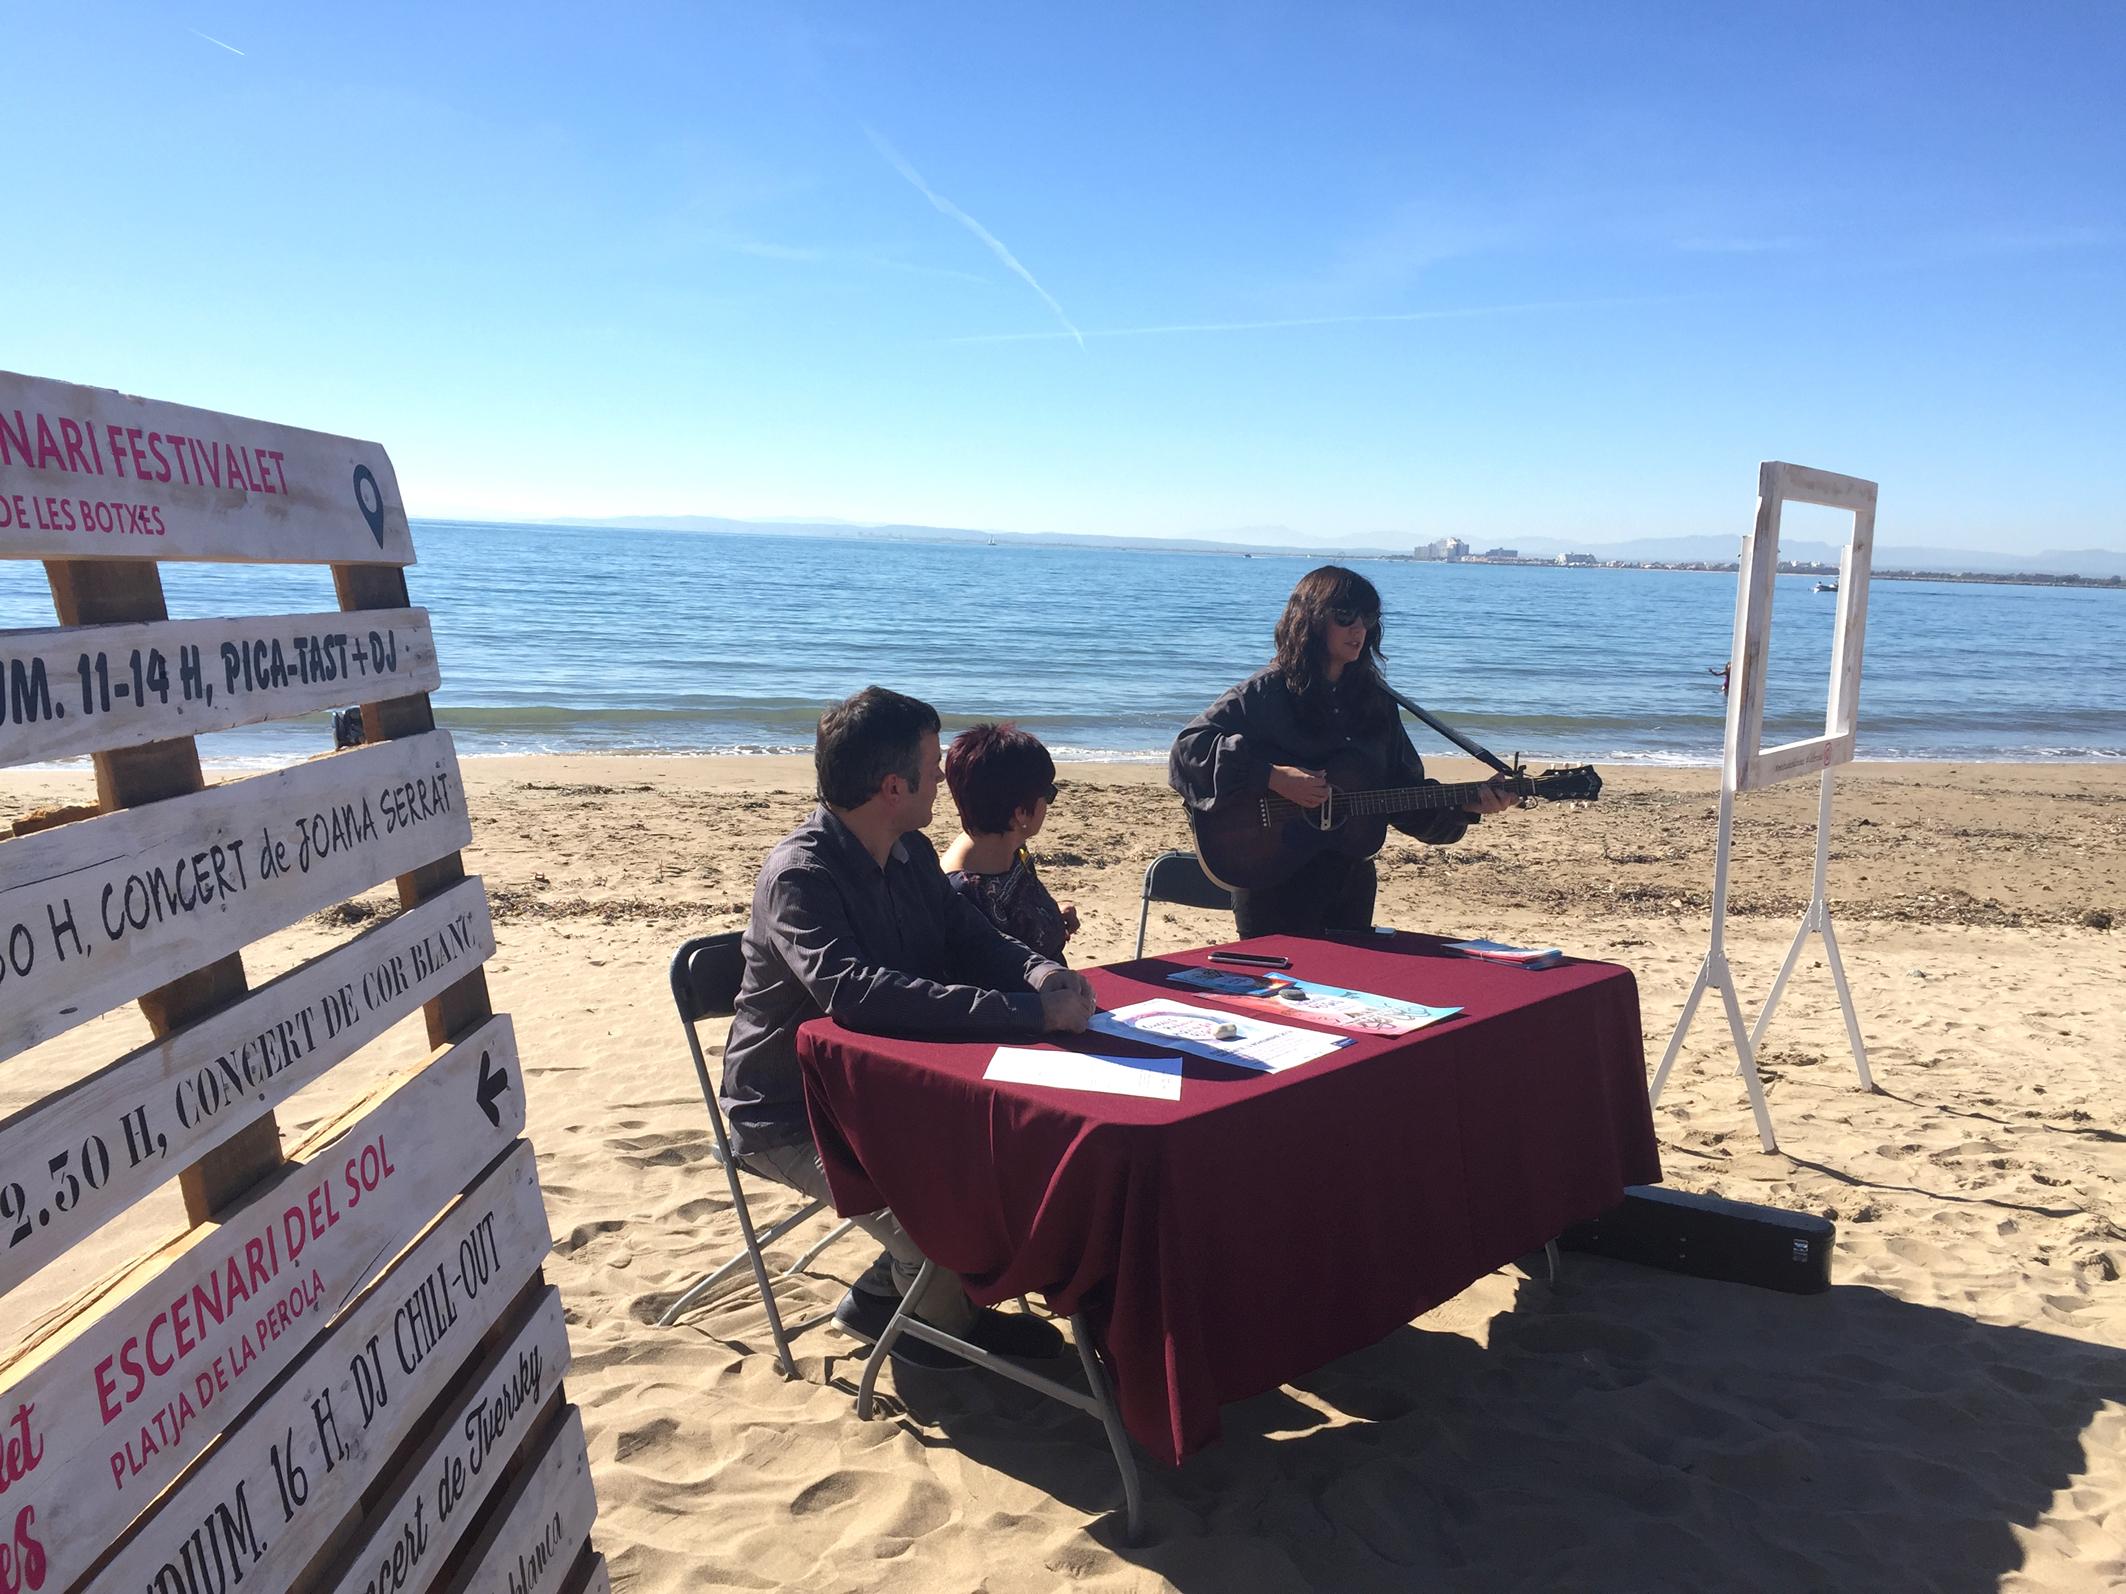 Joana Serrat, Floridablanca, Tversky, Beth i Cor Blanc actuaran a la platja de Roses durant el Festivalet el 10 i 11 de novembre